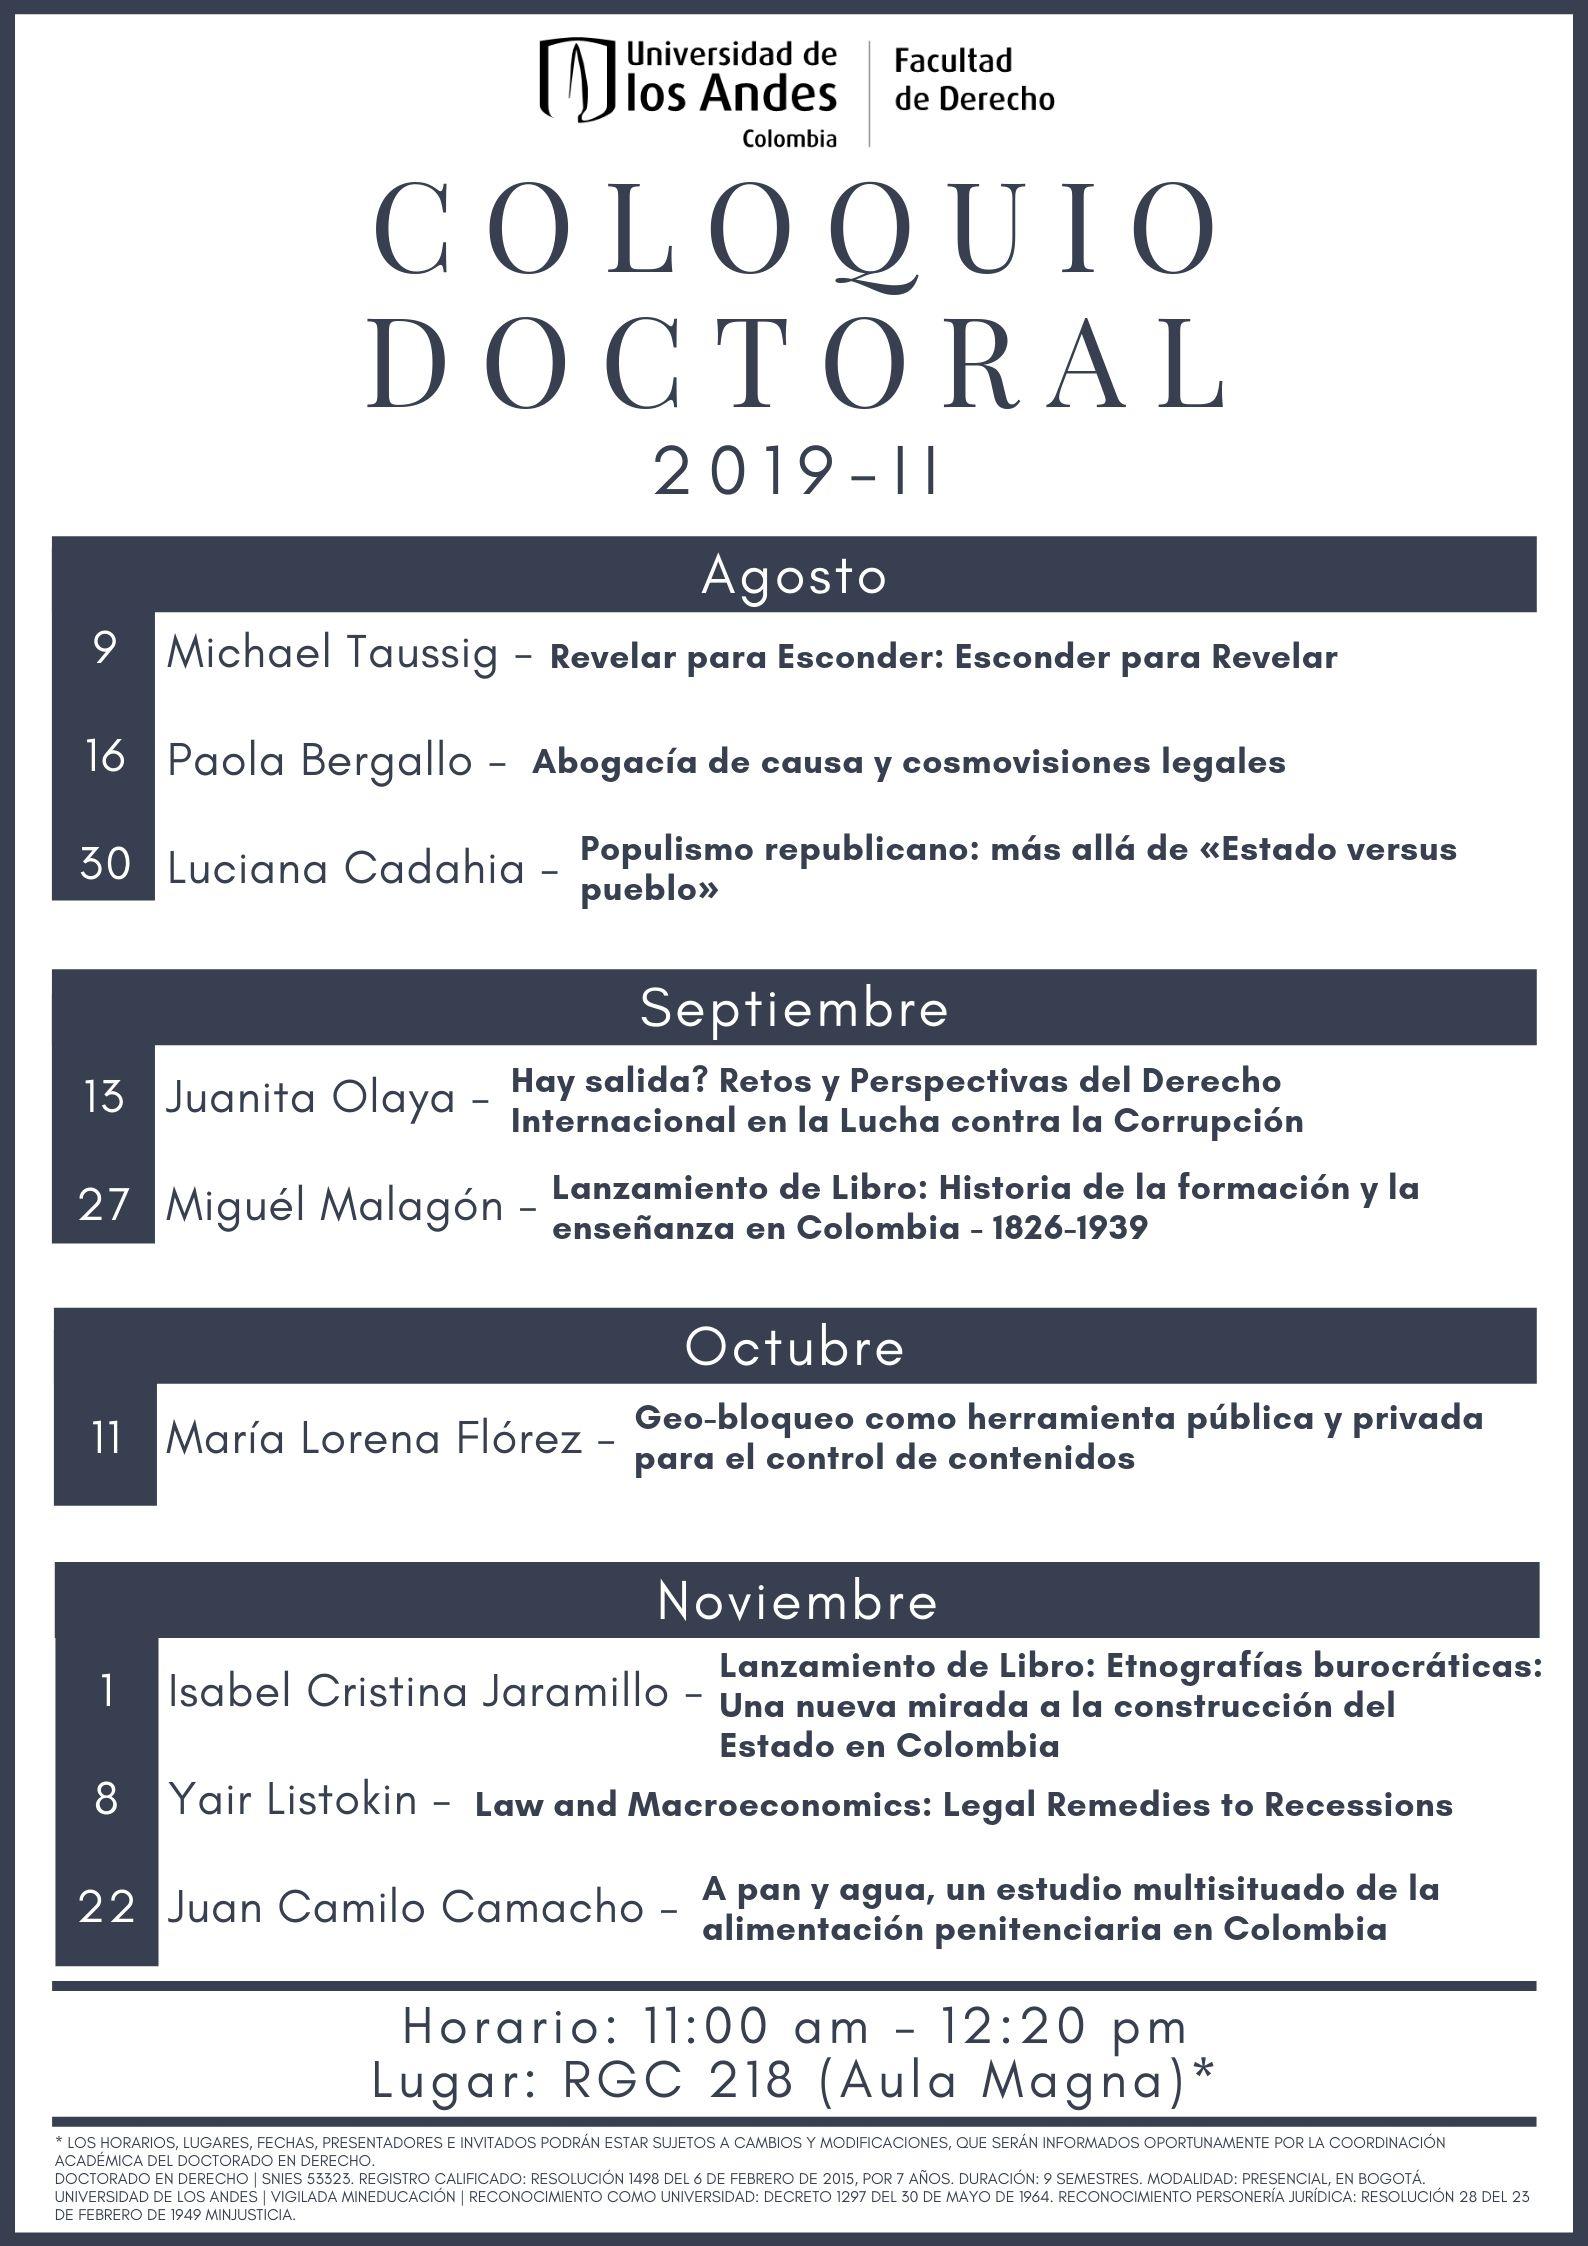 Coloquio Doctoral programación semestral 2019-2